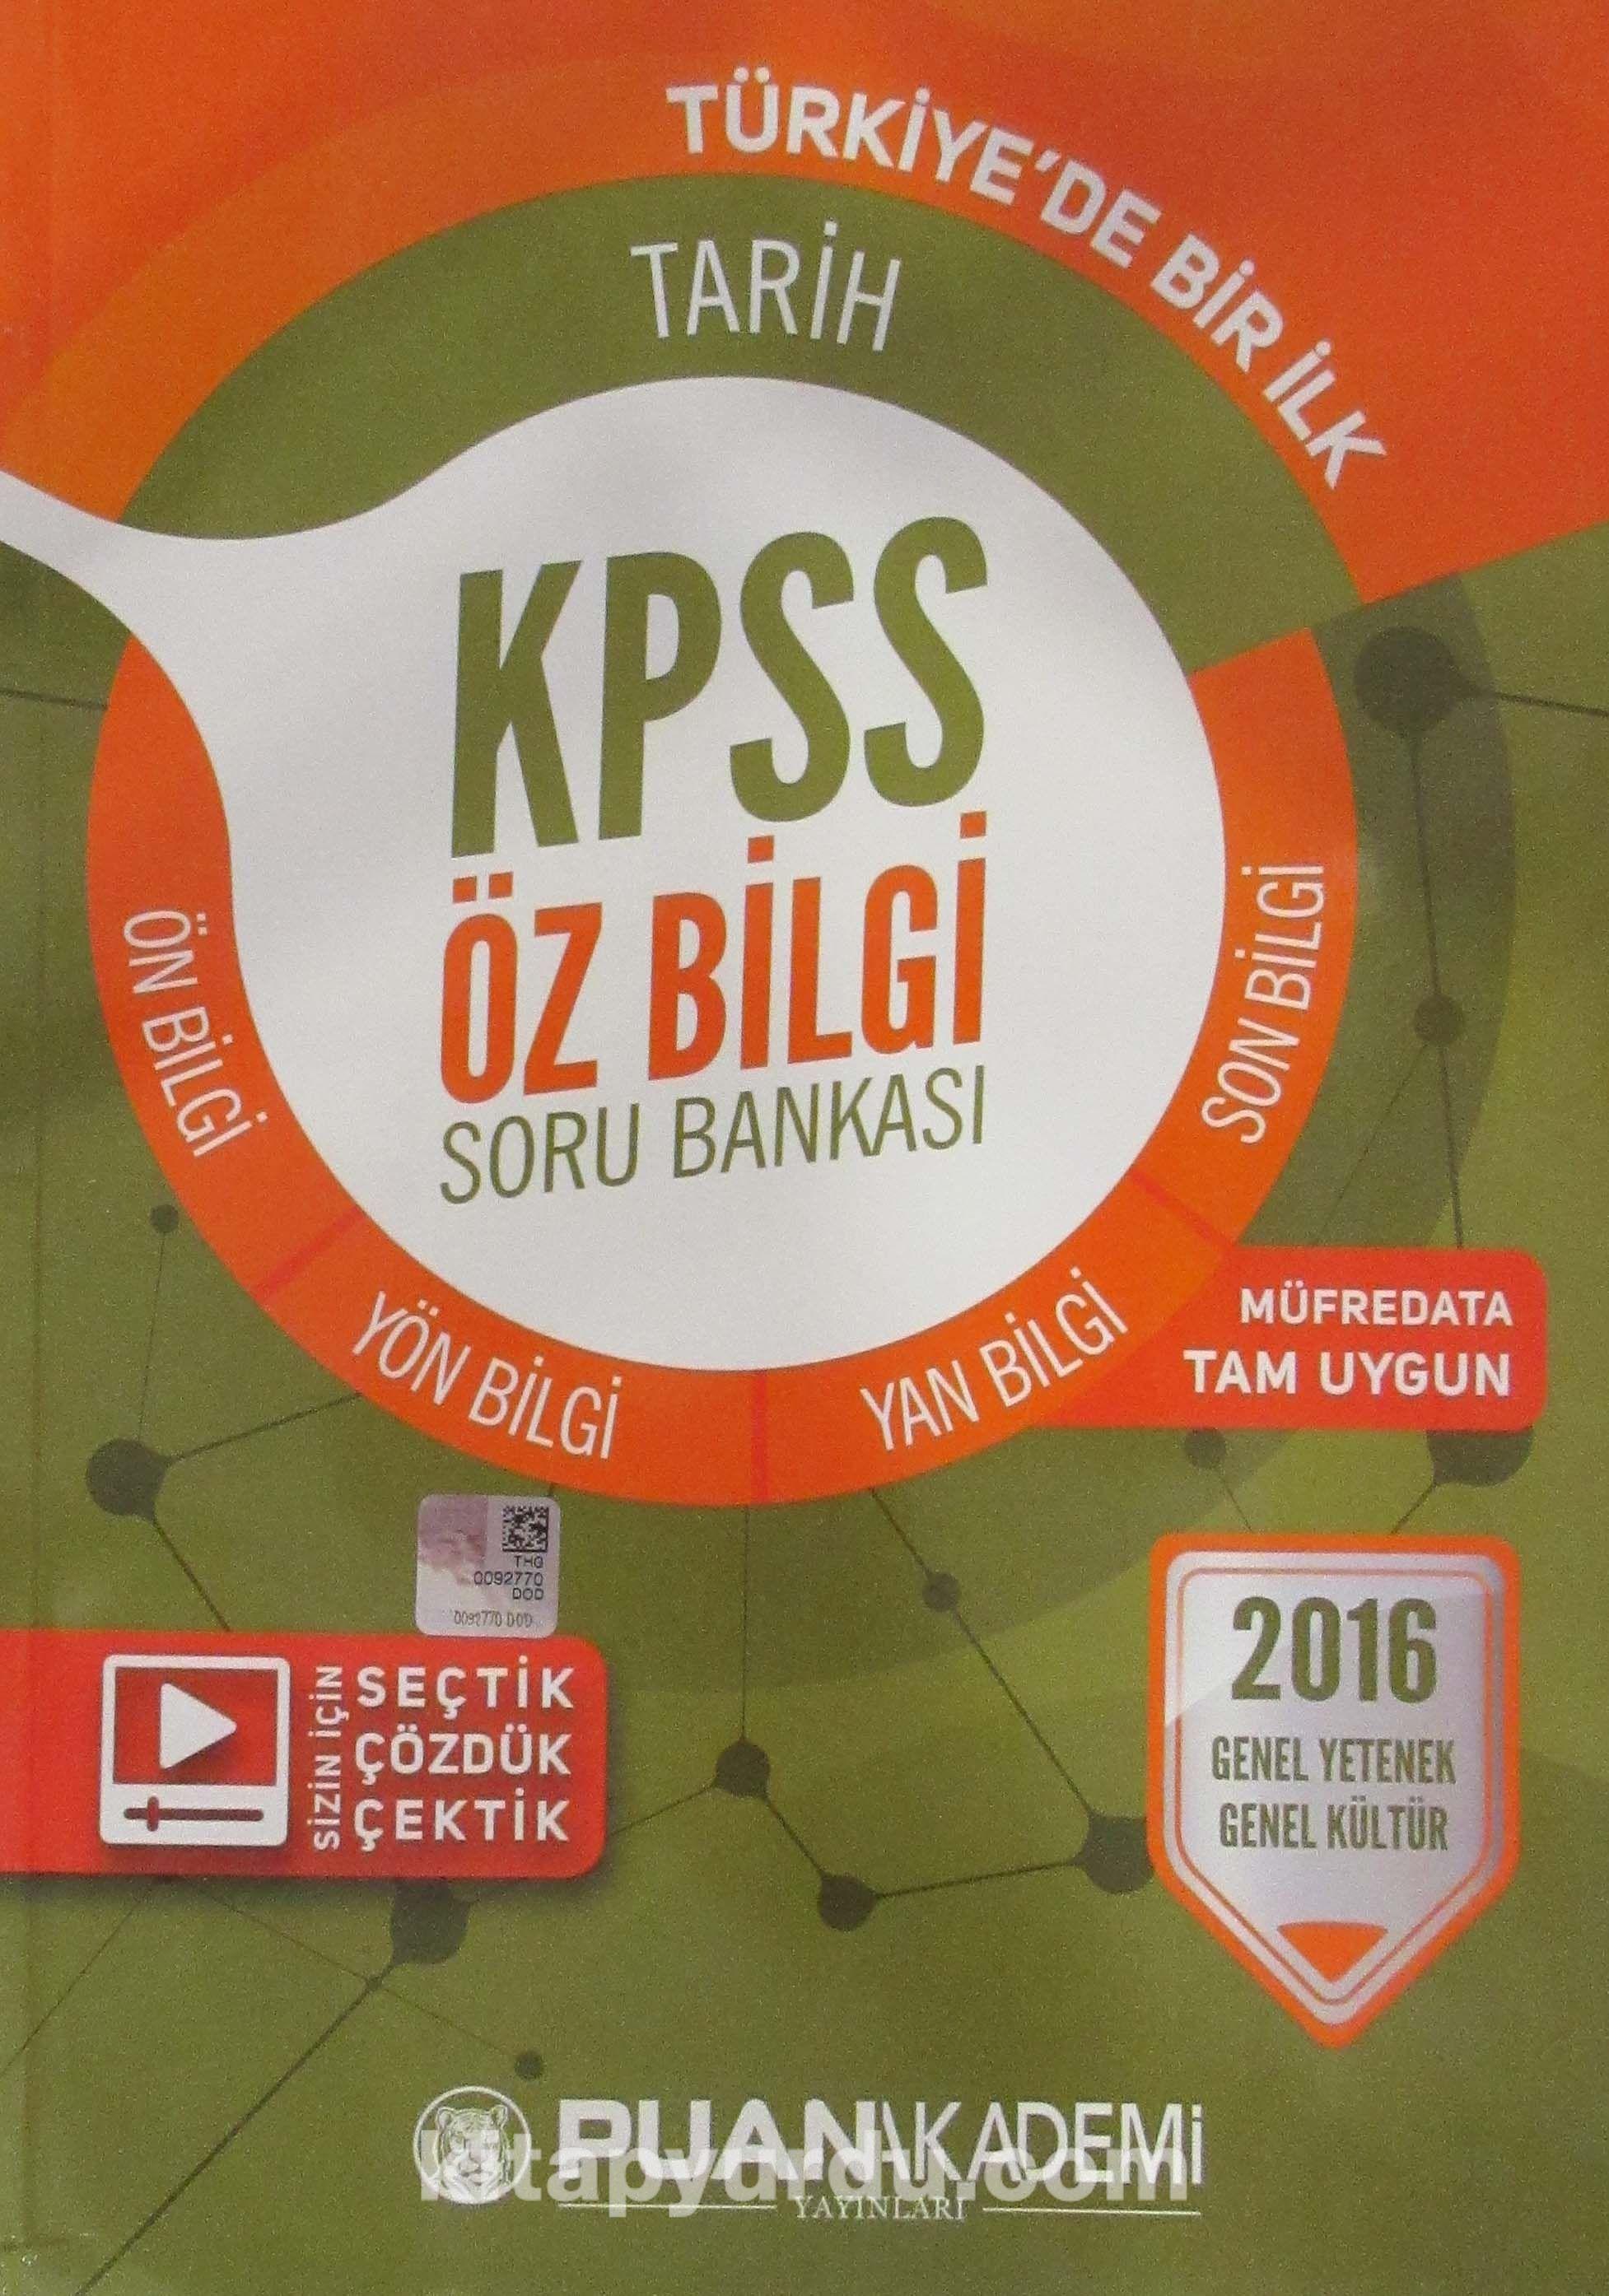 2016 KPSS Genel Yetenek Genel Kültür Tarih Öz Bilgi Soru Bankası - Kollektif pdf epub